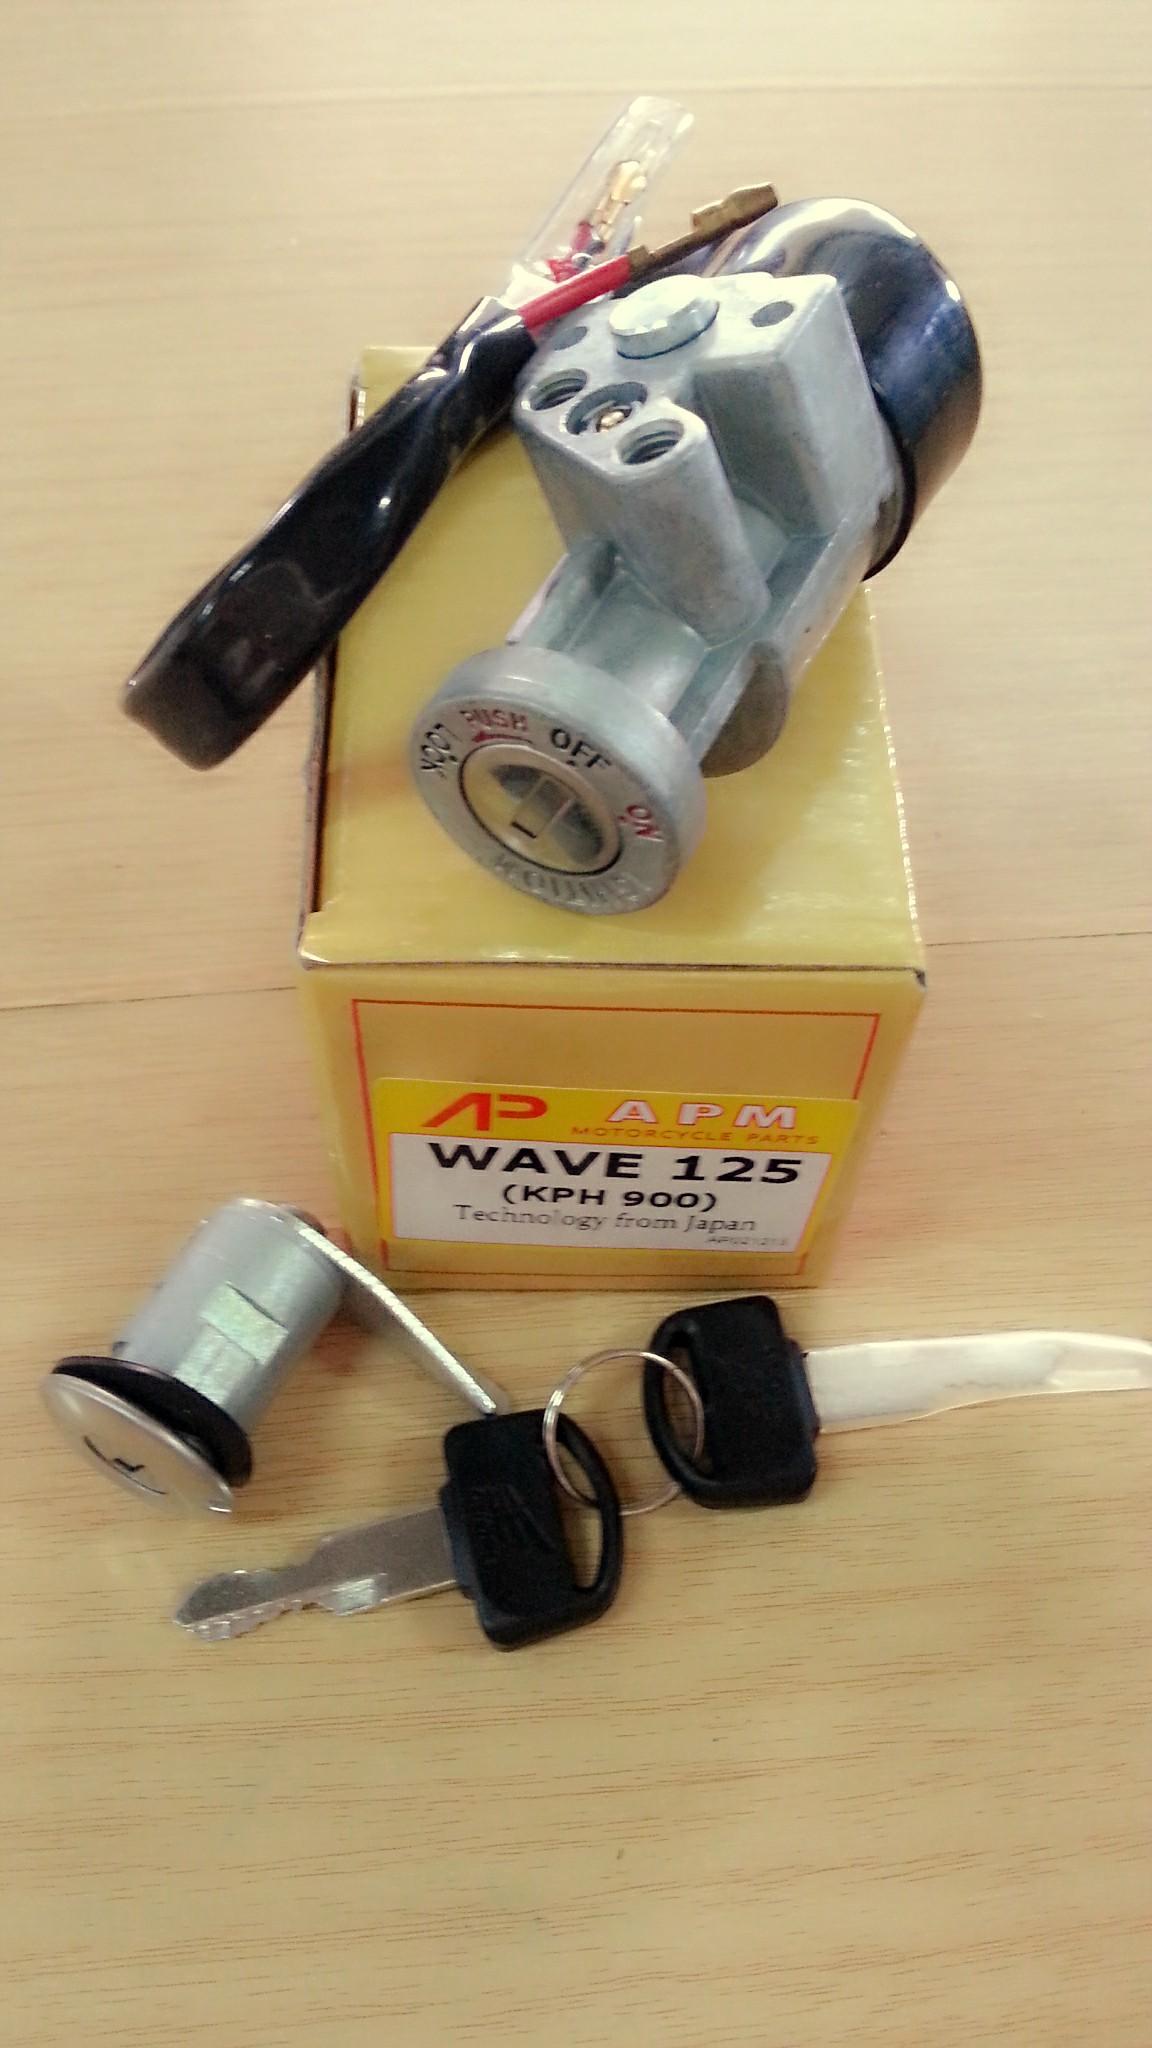 สวิทช์กุญแจ W125 เก่า